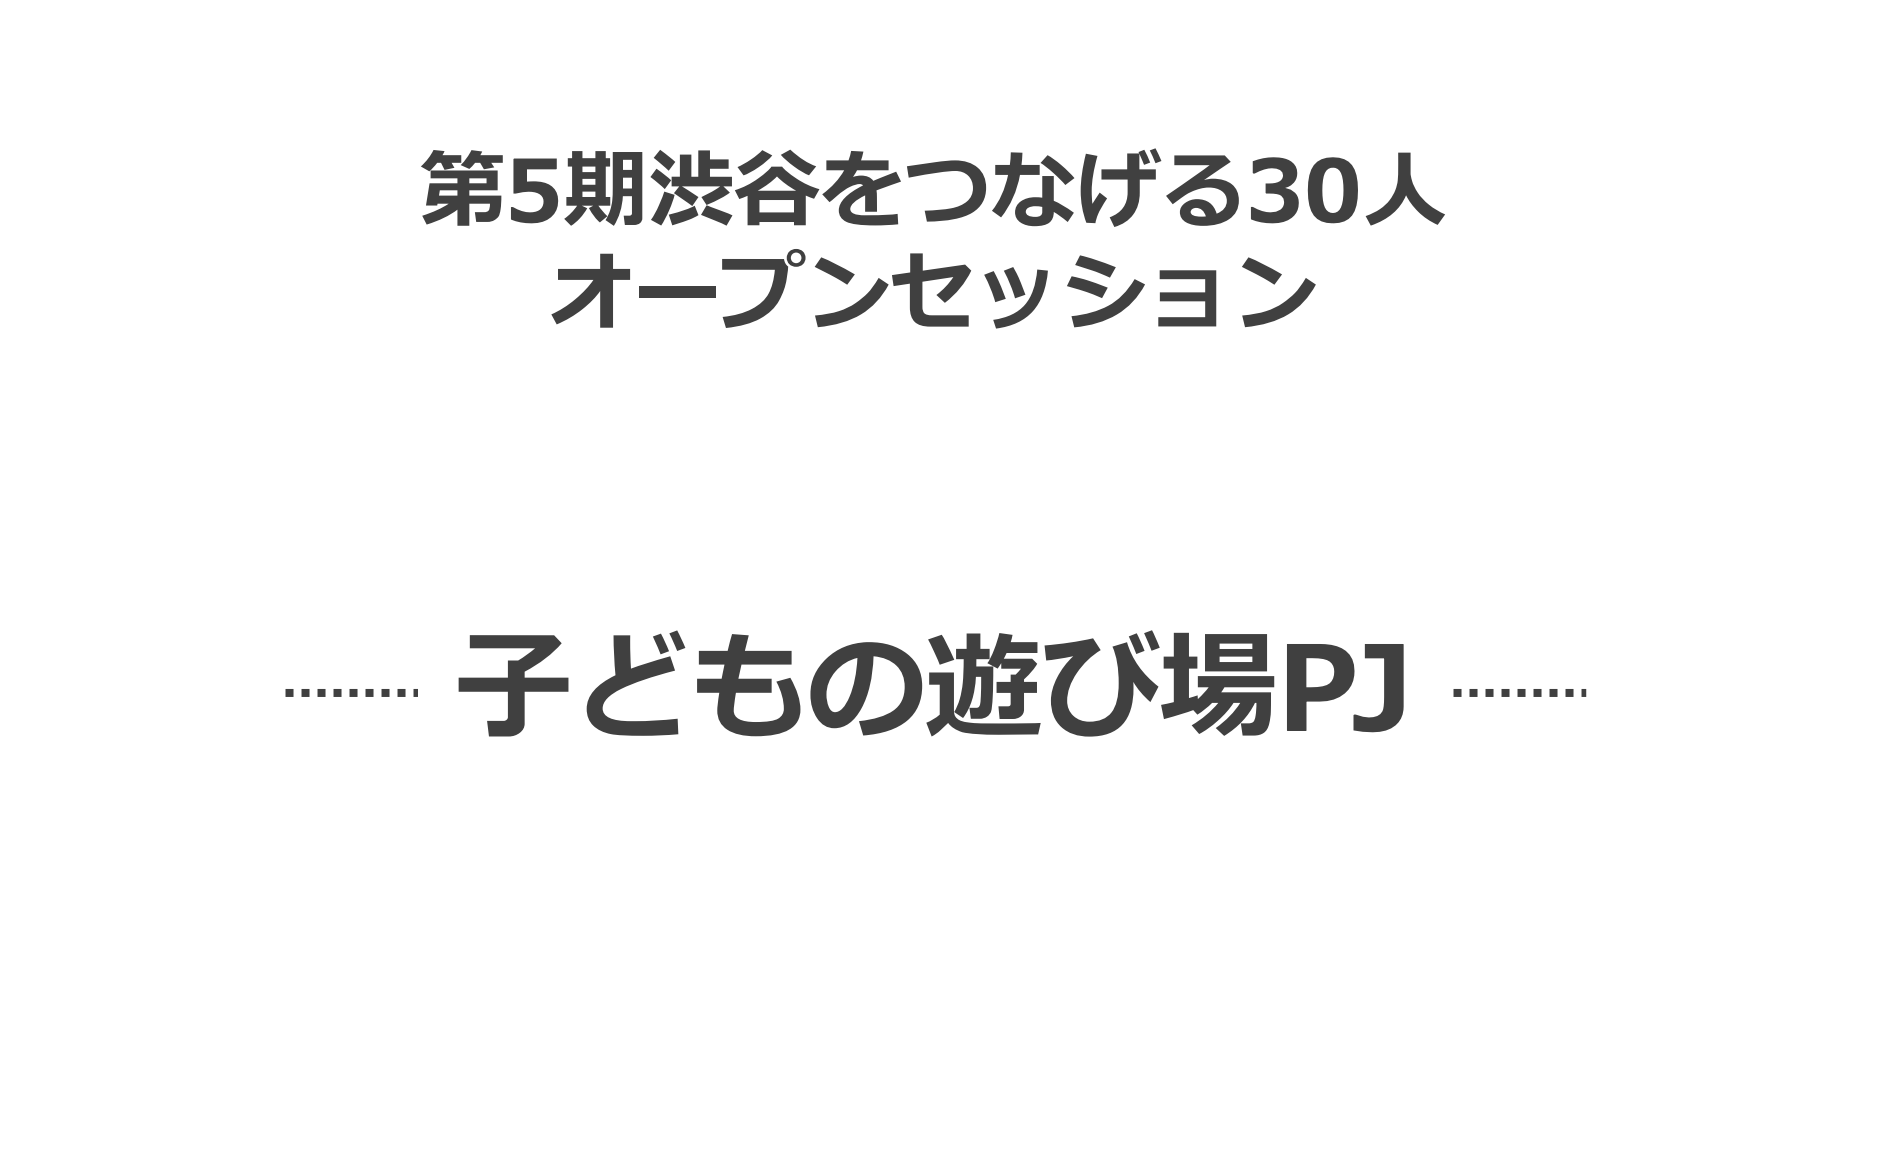 【渋谷をつなげる30人 5期 オープンセッション 】〜子どもの遊び場チーム編〜